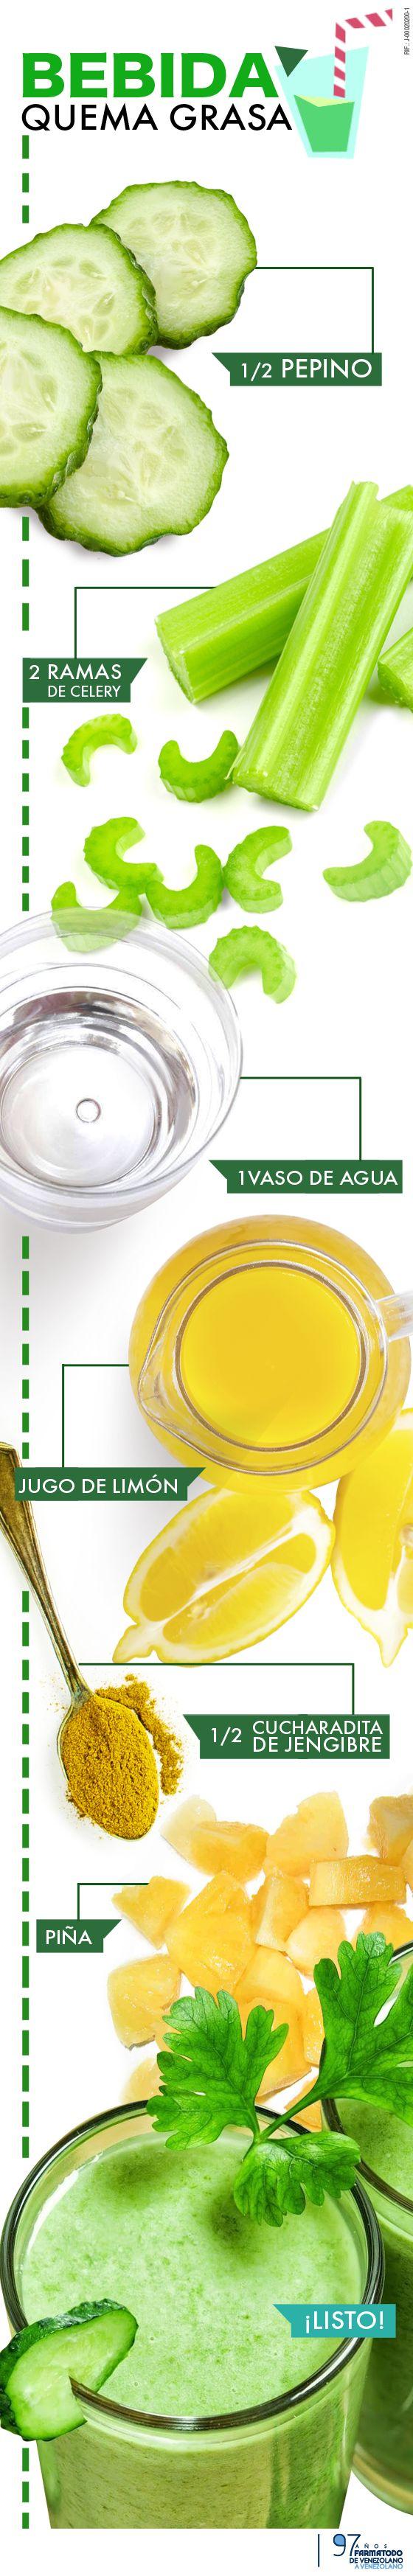 Elimina la barriguita bebiendo este poderoso jugo todas las mañanas en ayunas Ya Basta De Seguir Sufriendo, Aquí Te Digo Cómo Eliminar De Forma 100% Natural Tu Gastritis, Con Resultados en 21 Días O Menos... http://basta-de-gastritis-today.blogspot.com?prod=4xAZnI5H